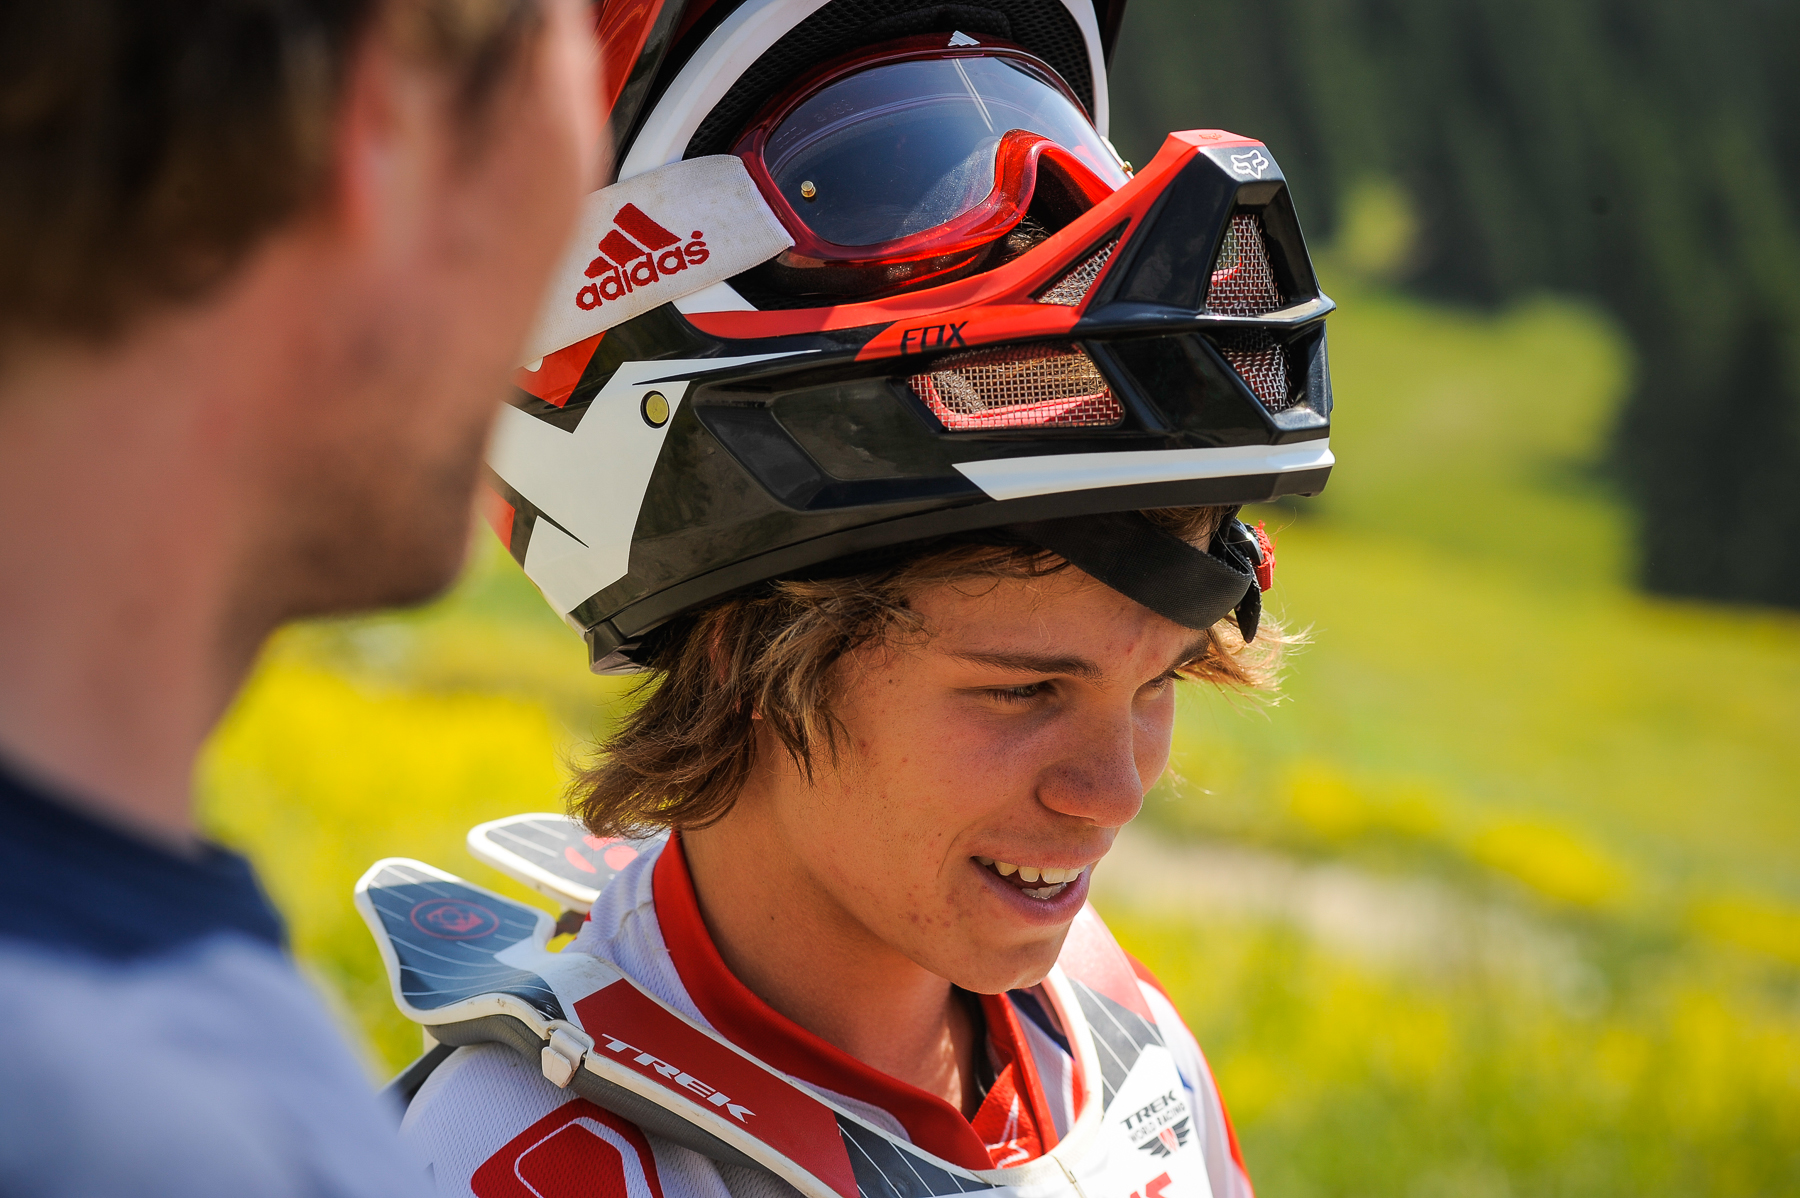 Trek World Racing's Laurie Greenland hatte ziemlich viele technische Probleme, wurde aber Drittschnellster im Training.